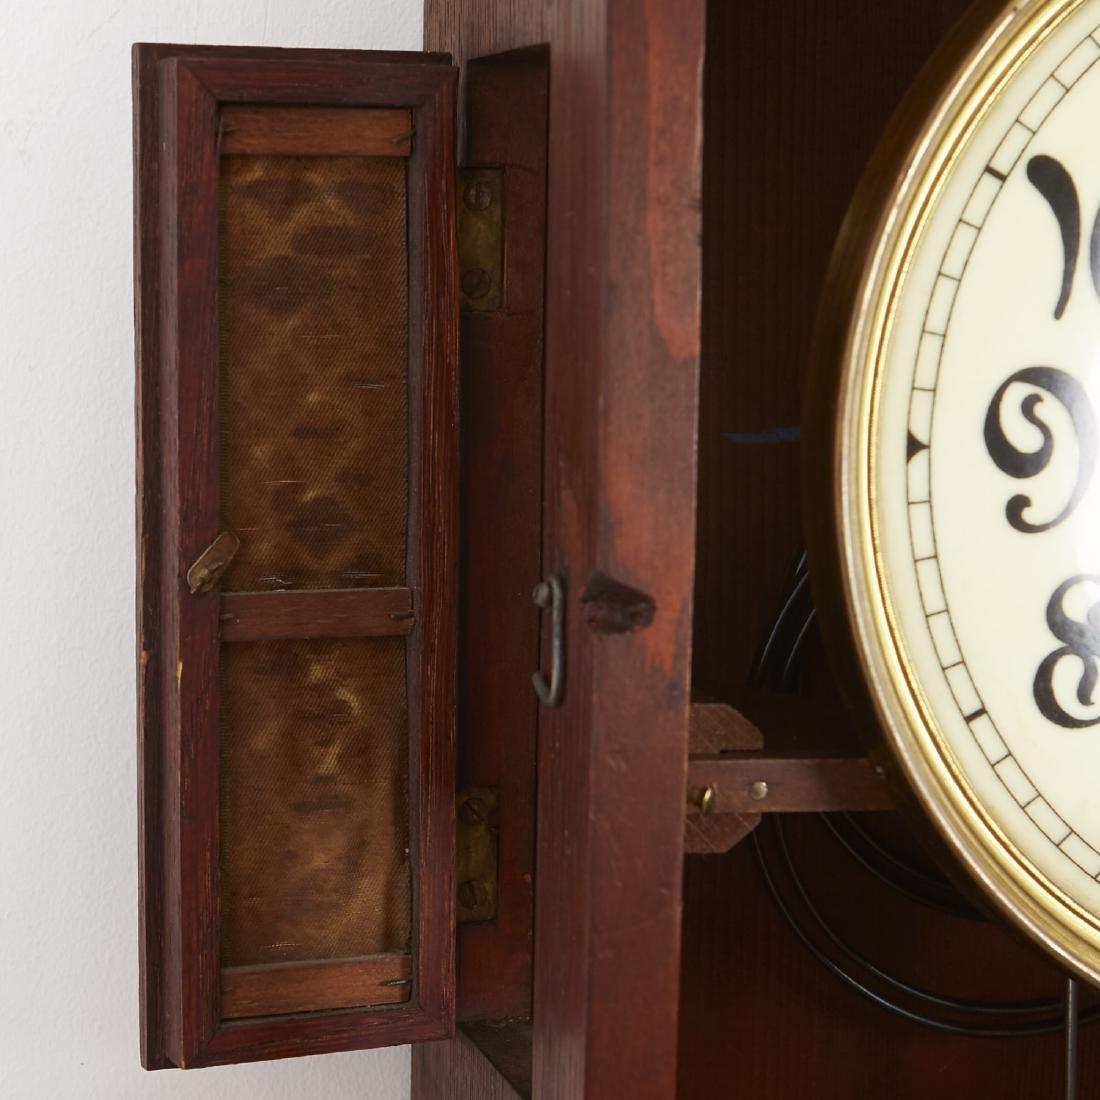 Lenzkirch German Art Nouveau Wall Clock - 5